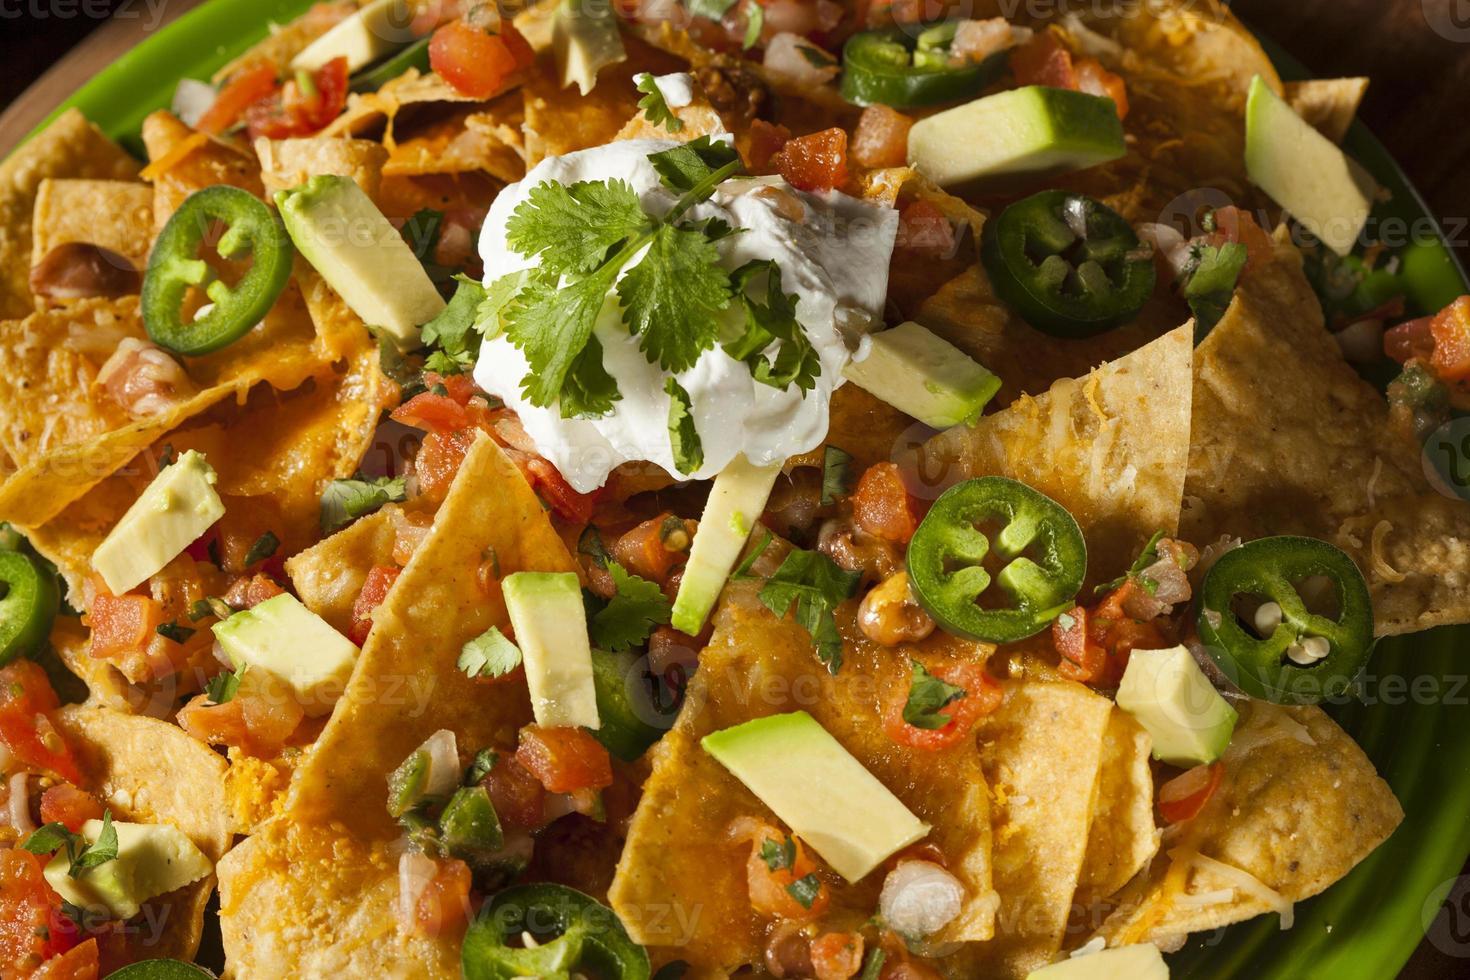 nachos saudáveis caseiros com queijo e legumes foto